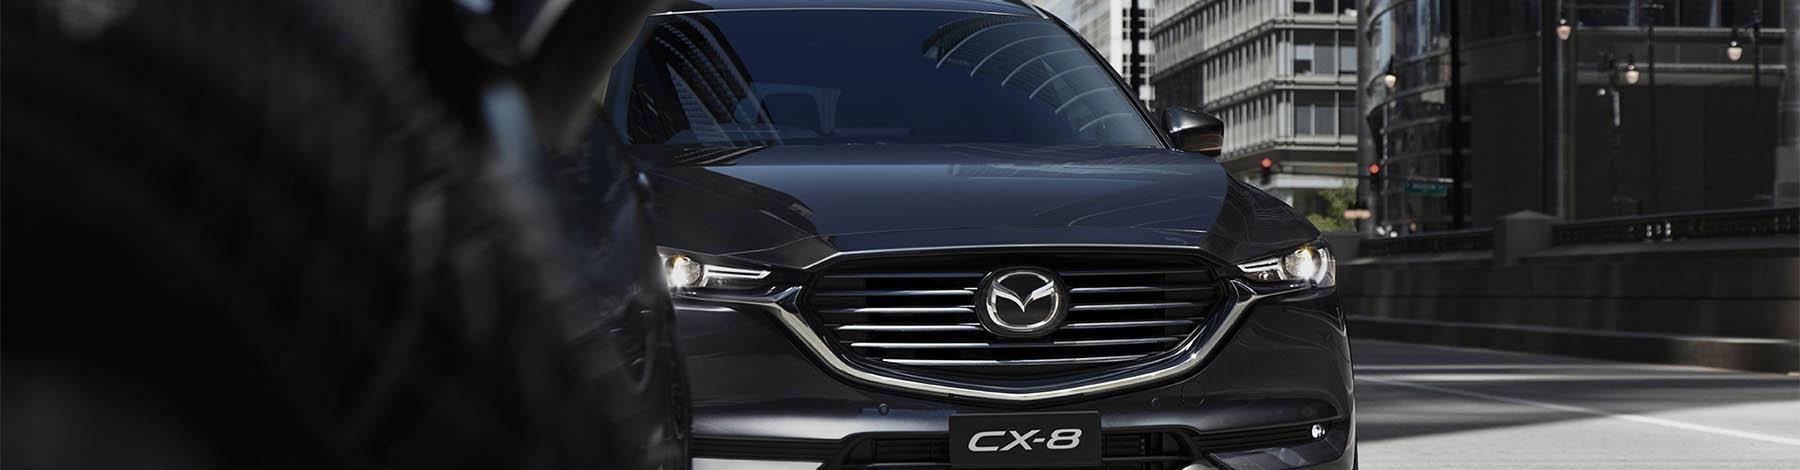 Mazda Fleet Services